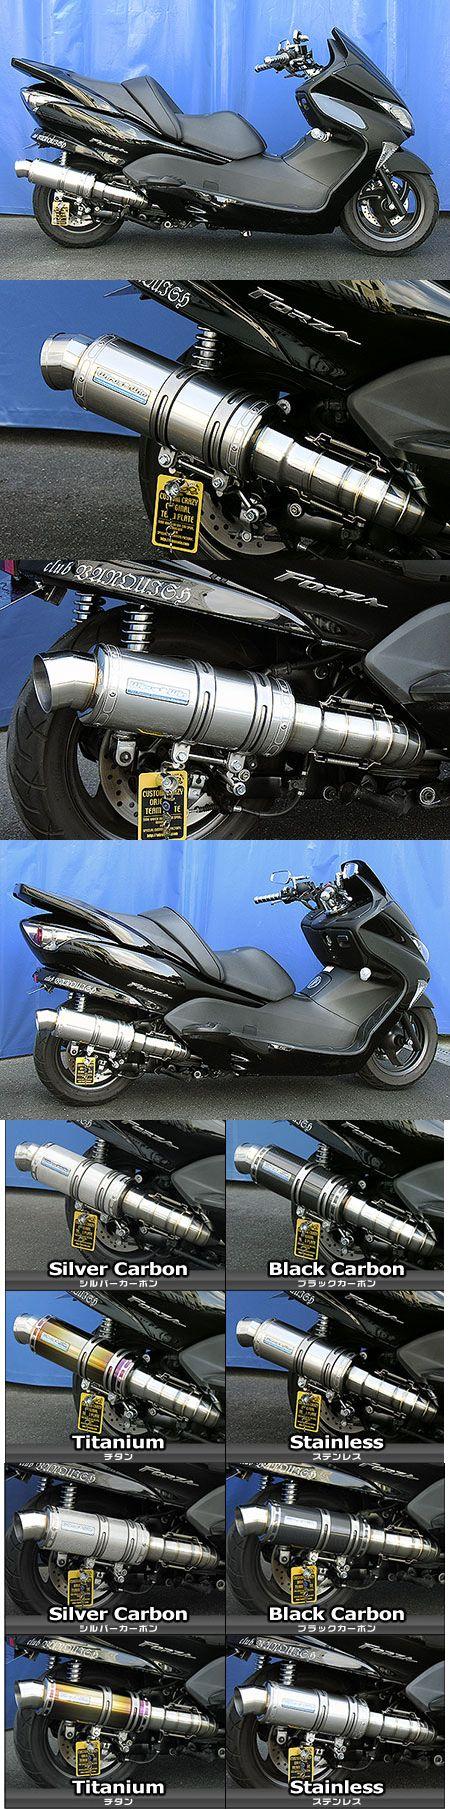 【WirusWin】Premium全段排氣管 不鏽鋼款式 重低音版附觸媒 (排氣淨化觸媒) - 「Webike-摩托百貨」